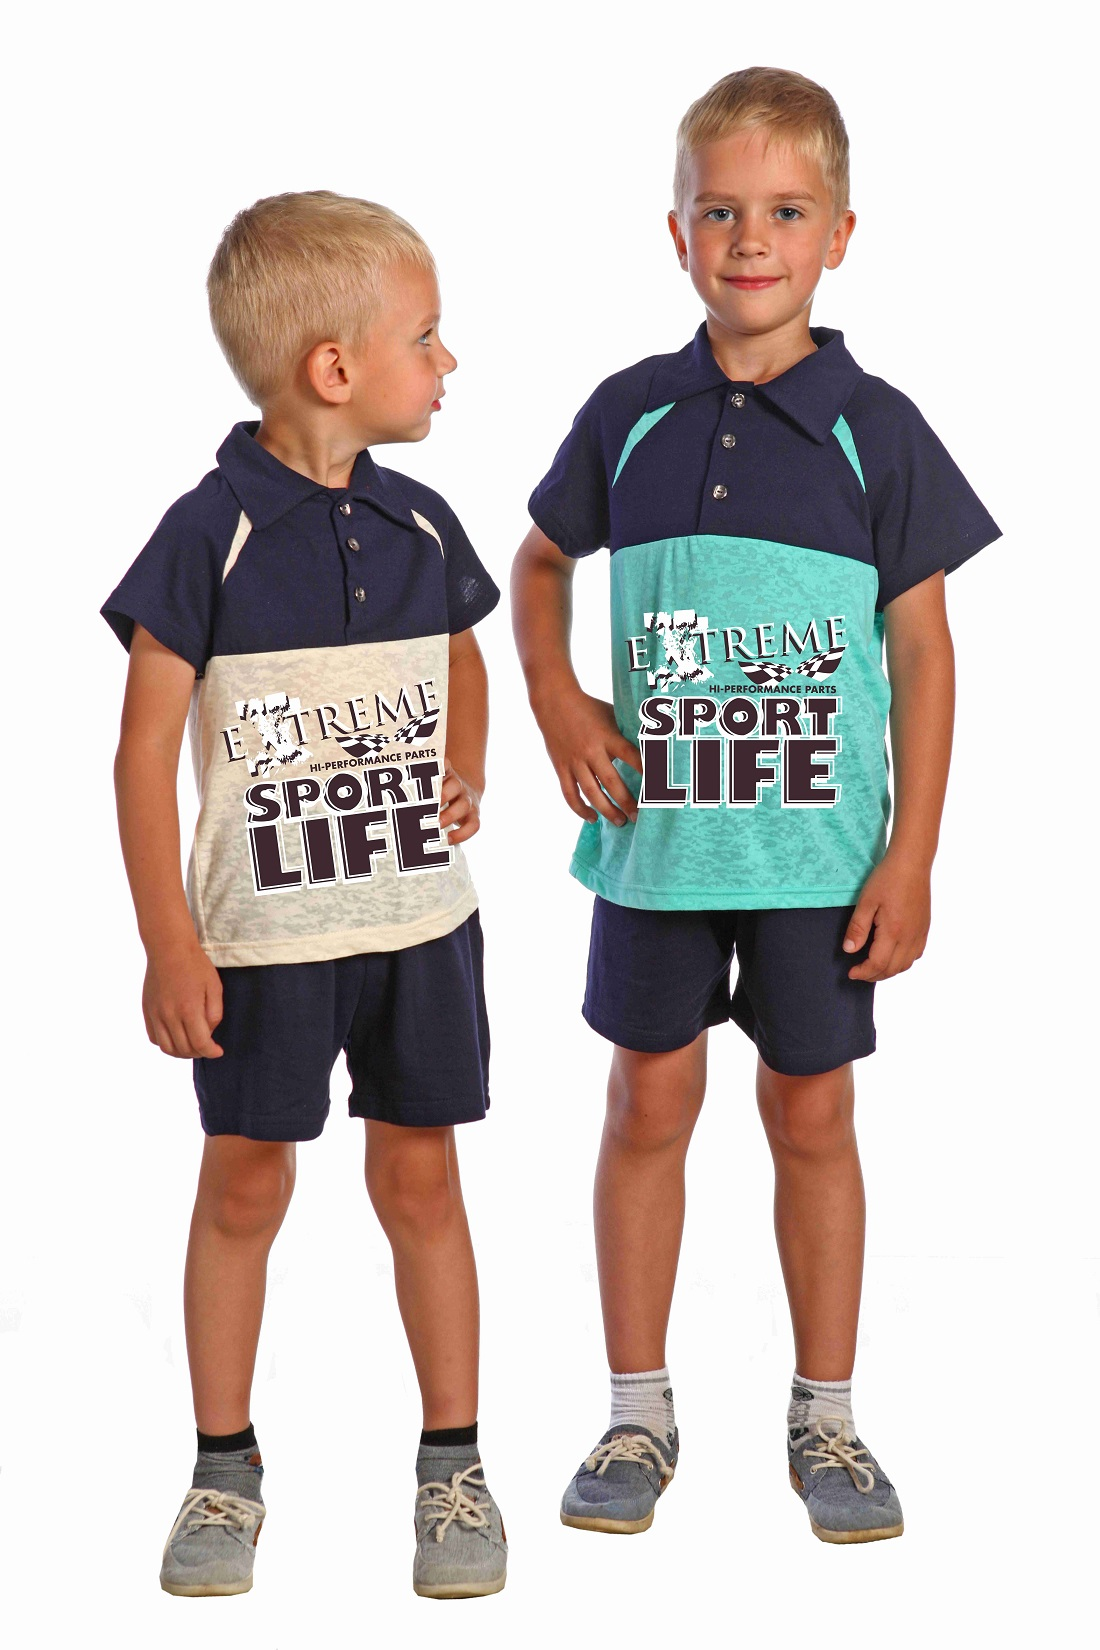 Сбор заказов. Стильный ребенок! Ивановский трикотаж для мальчишек и девчонок ! Есть школьная коллекция. Модные водолазки, джемпера, толстовки, спортивные костюмы,футболки а также нарядные платья, юбочки , халатики и пижамки . Самые низкие цены за высокое